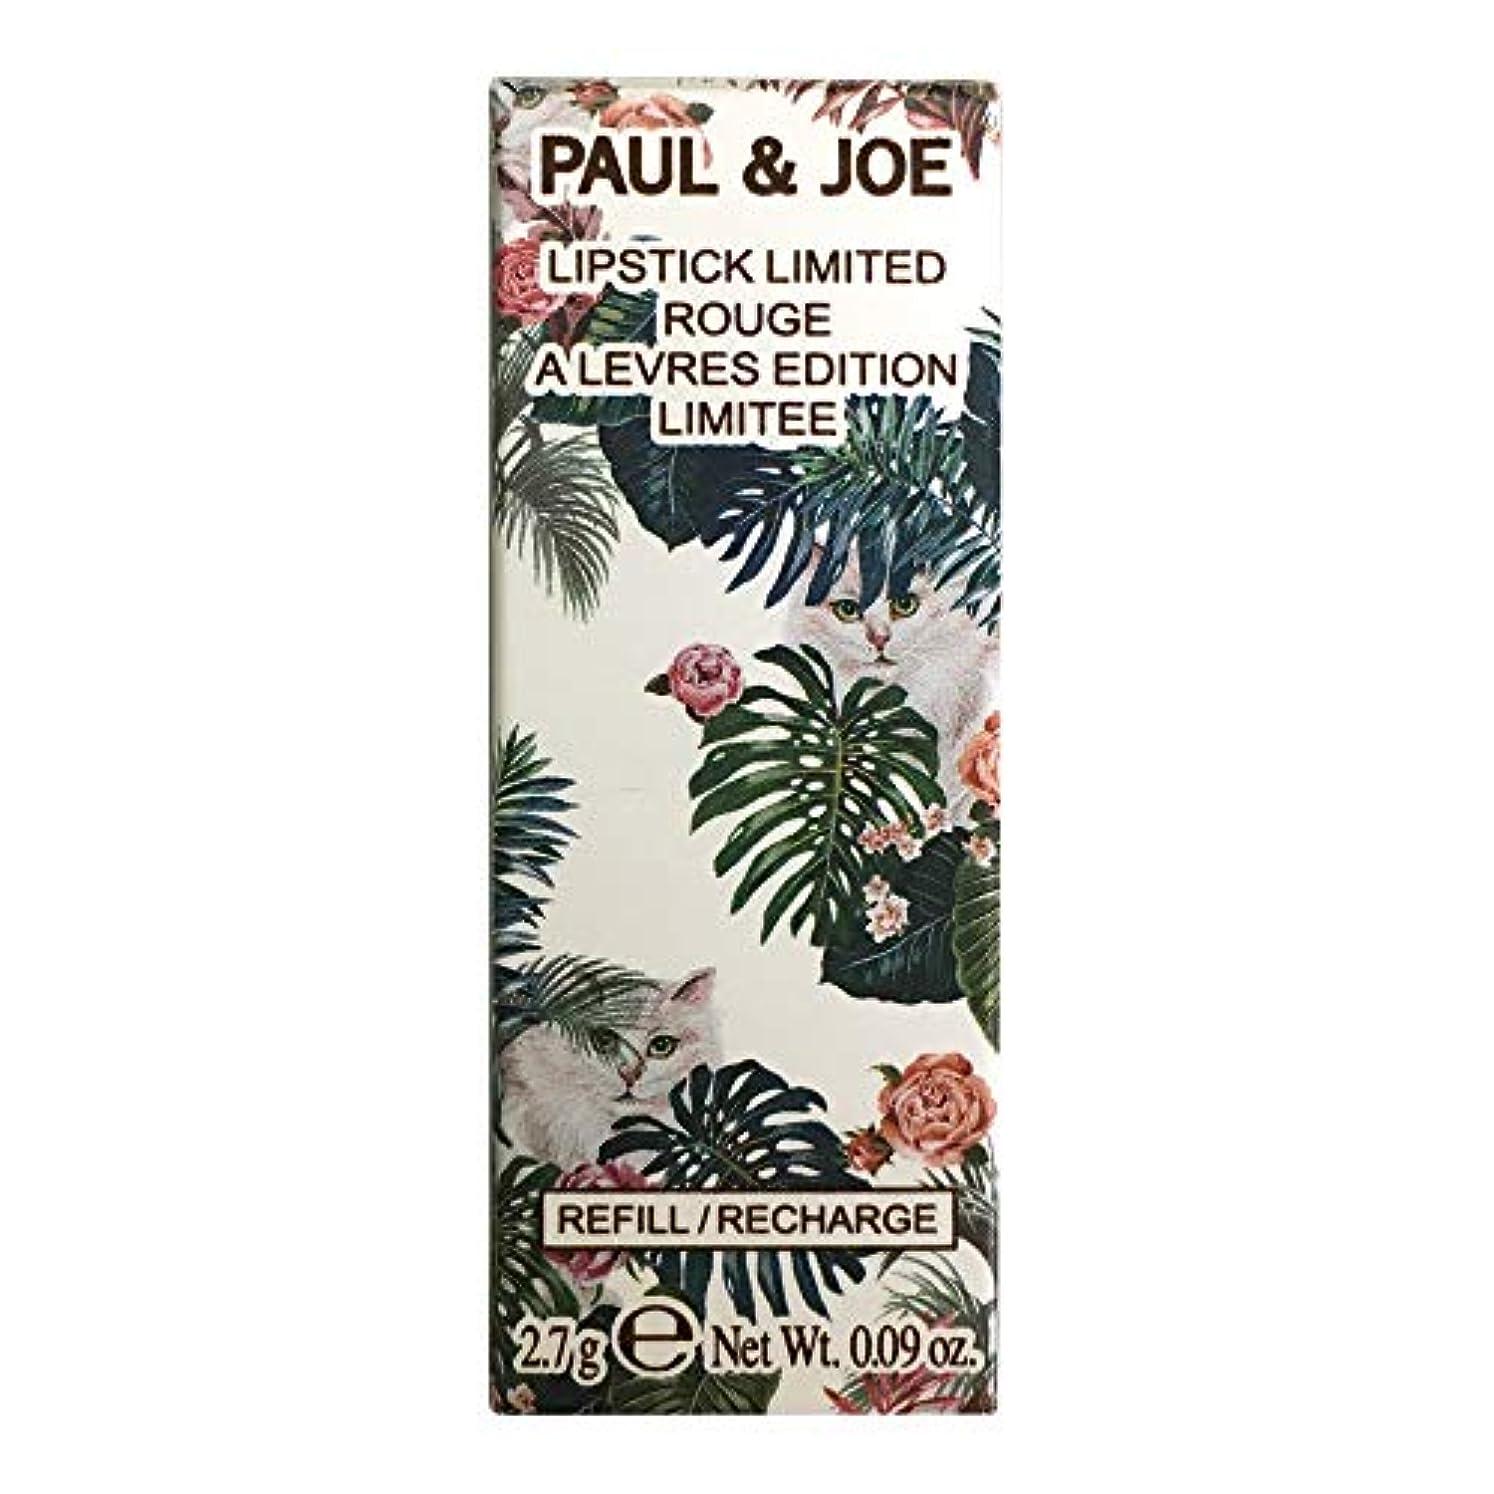 栄養降伏要塞ポール & ジョー/PAUL & JOE リップスティック リミテッド #005(レフィル) (限定) [ 口紅 ] [並行輸入品]